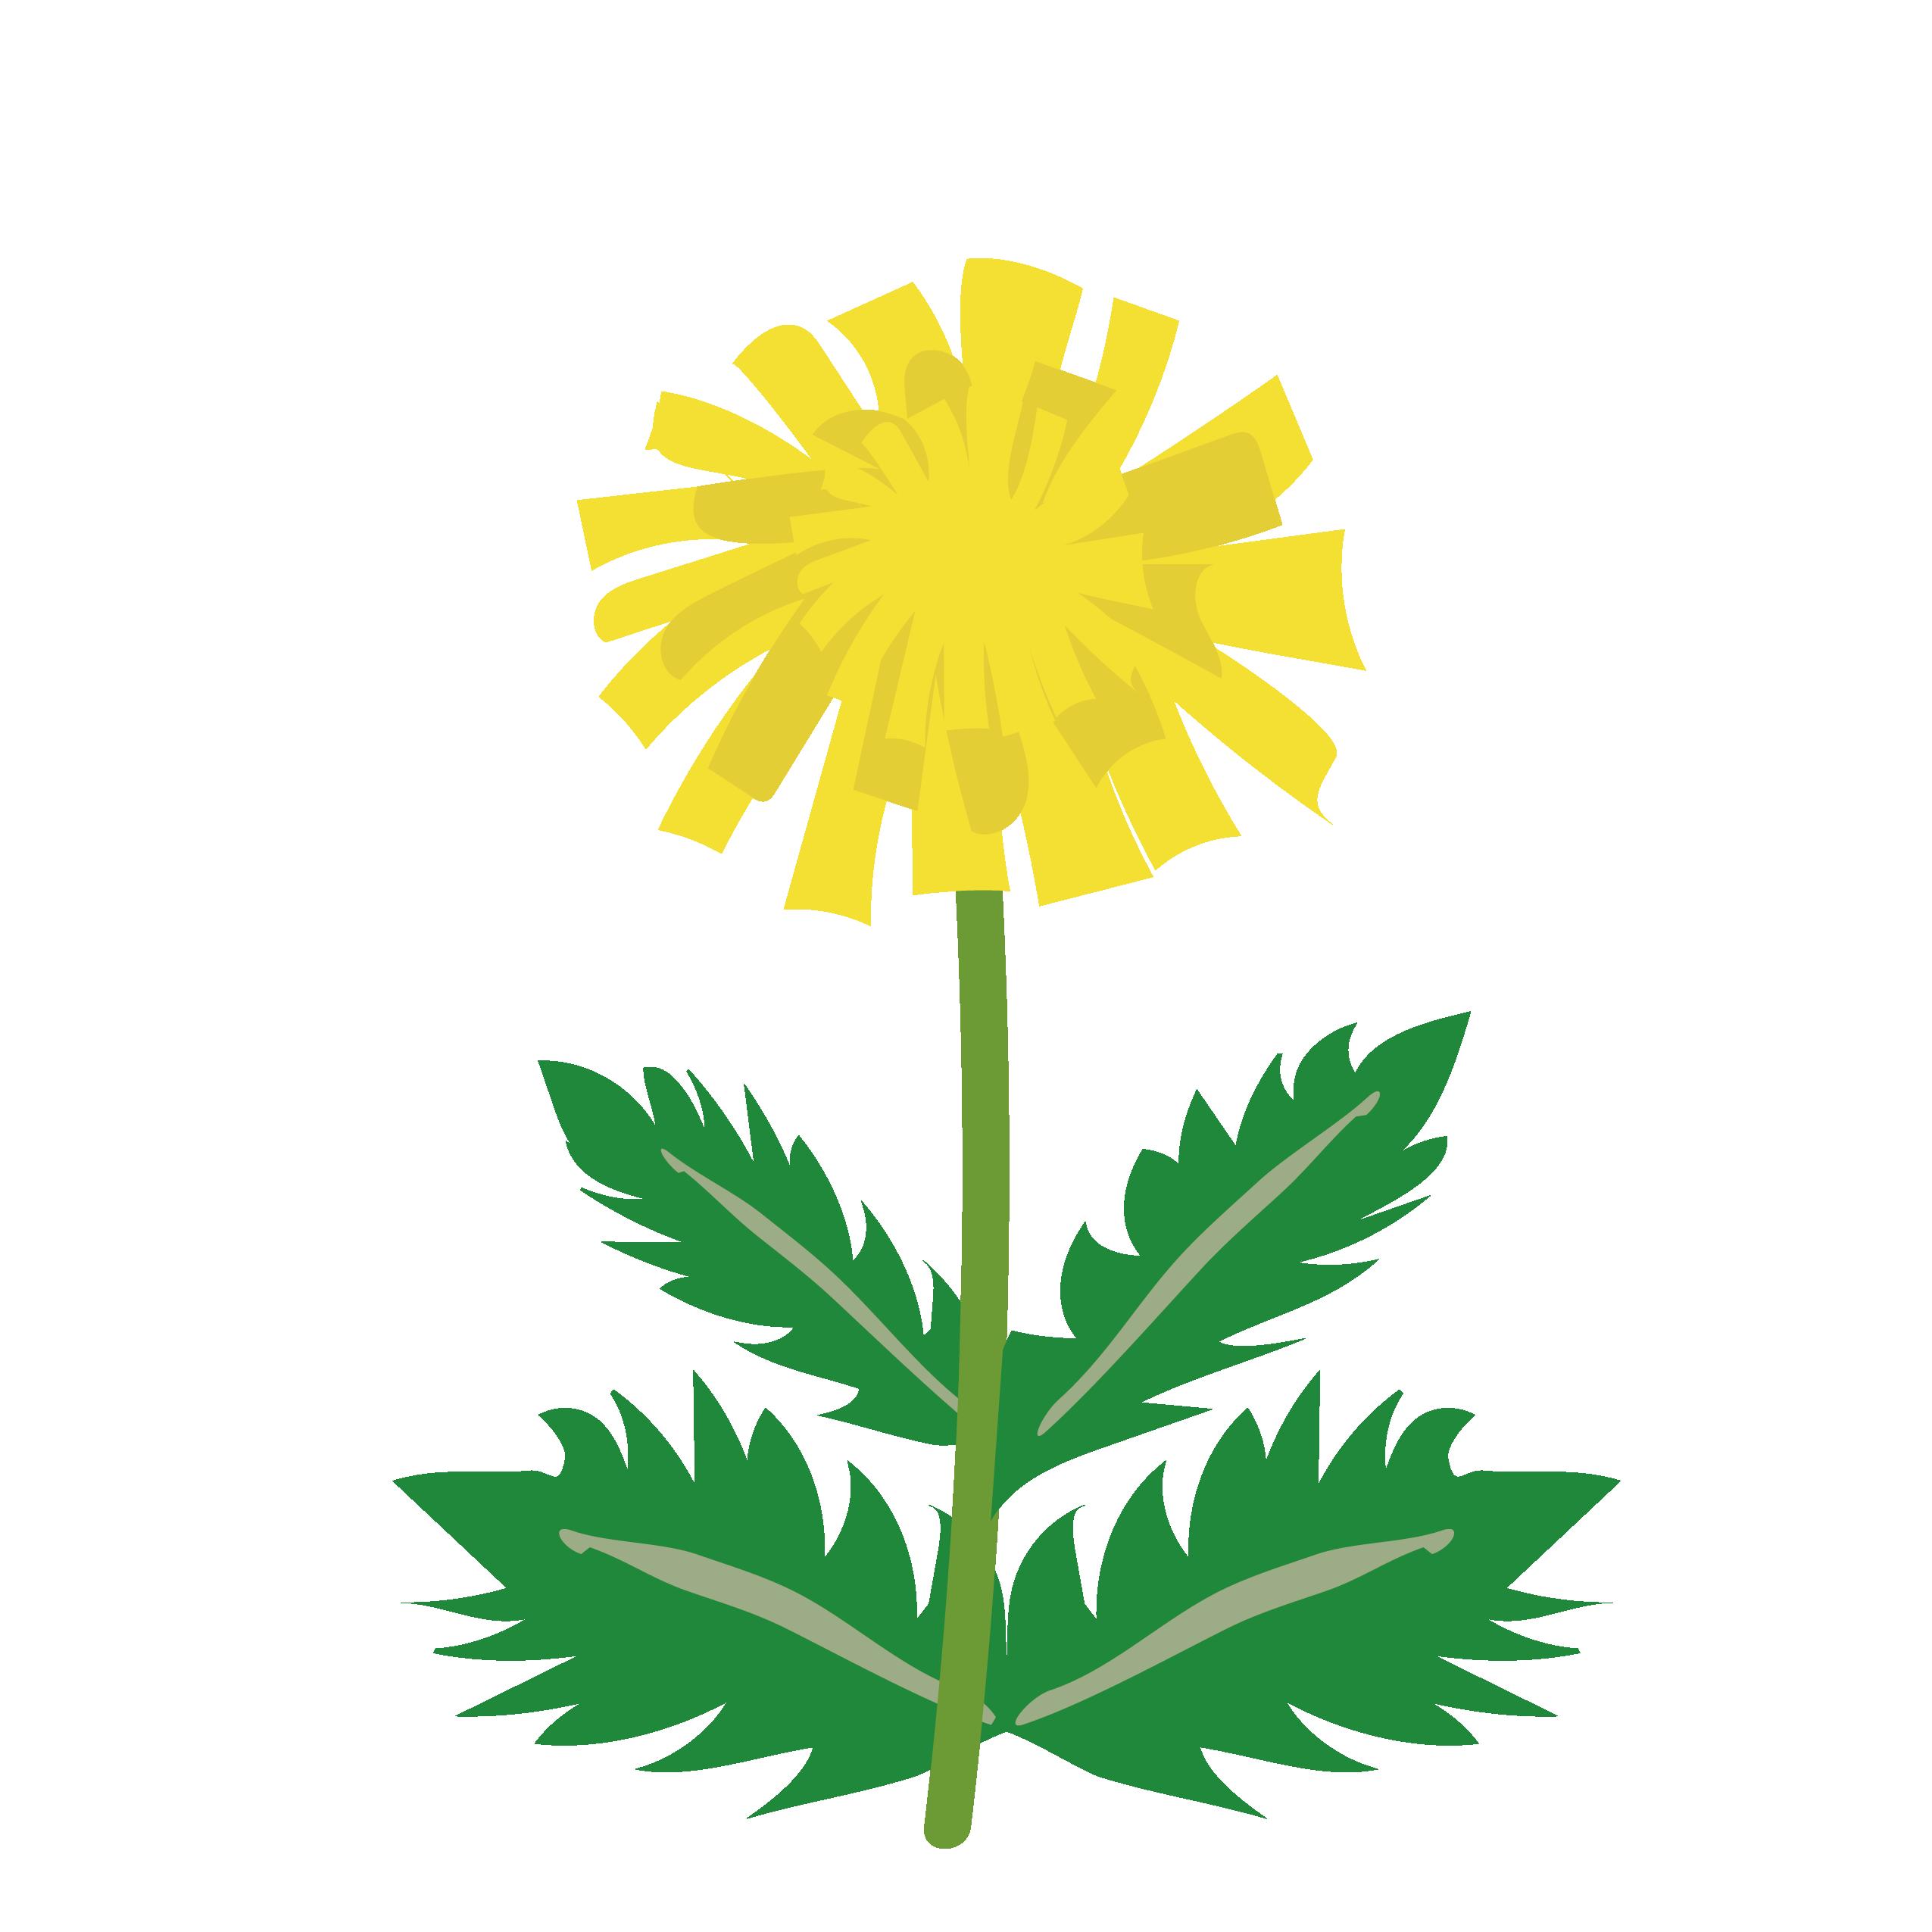 花タンポポ蒲公英たんぽぽの かわいい イラスト 商用フリー